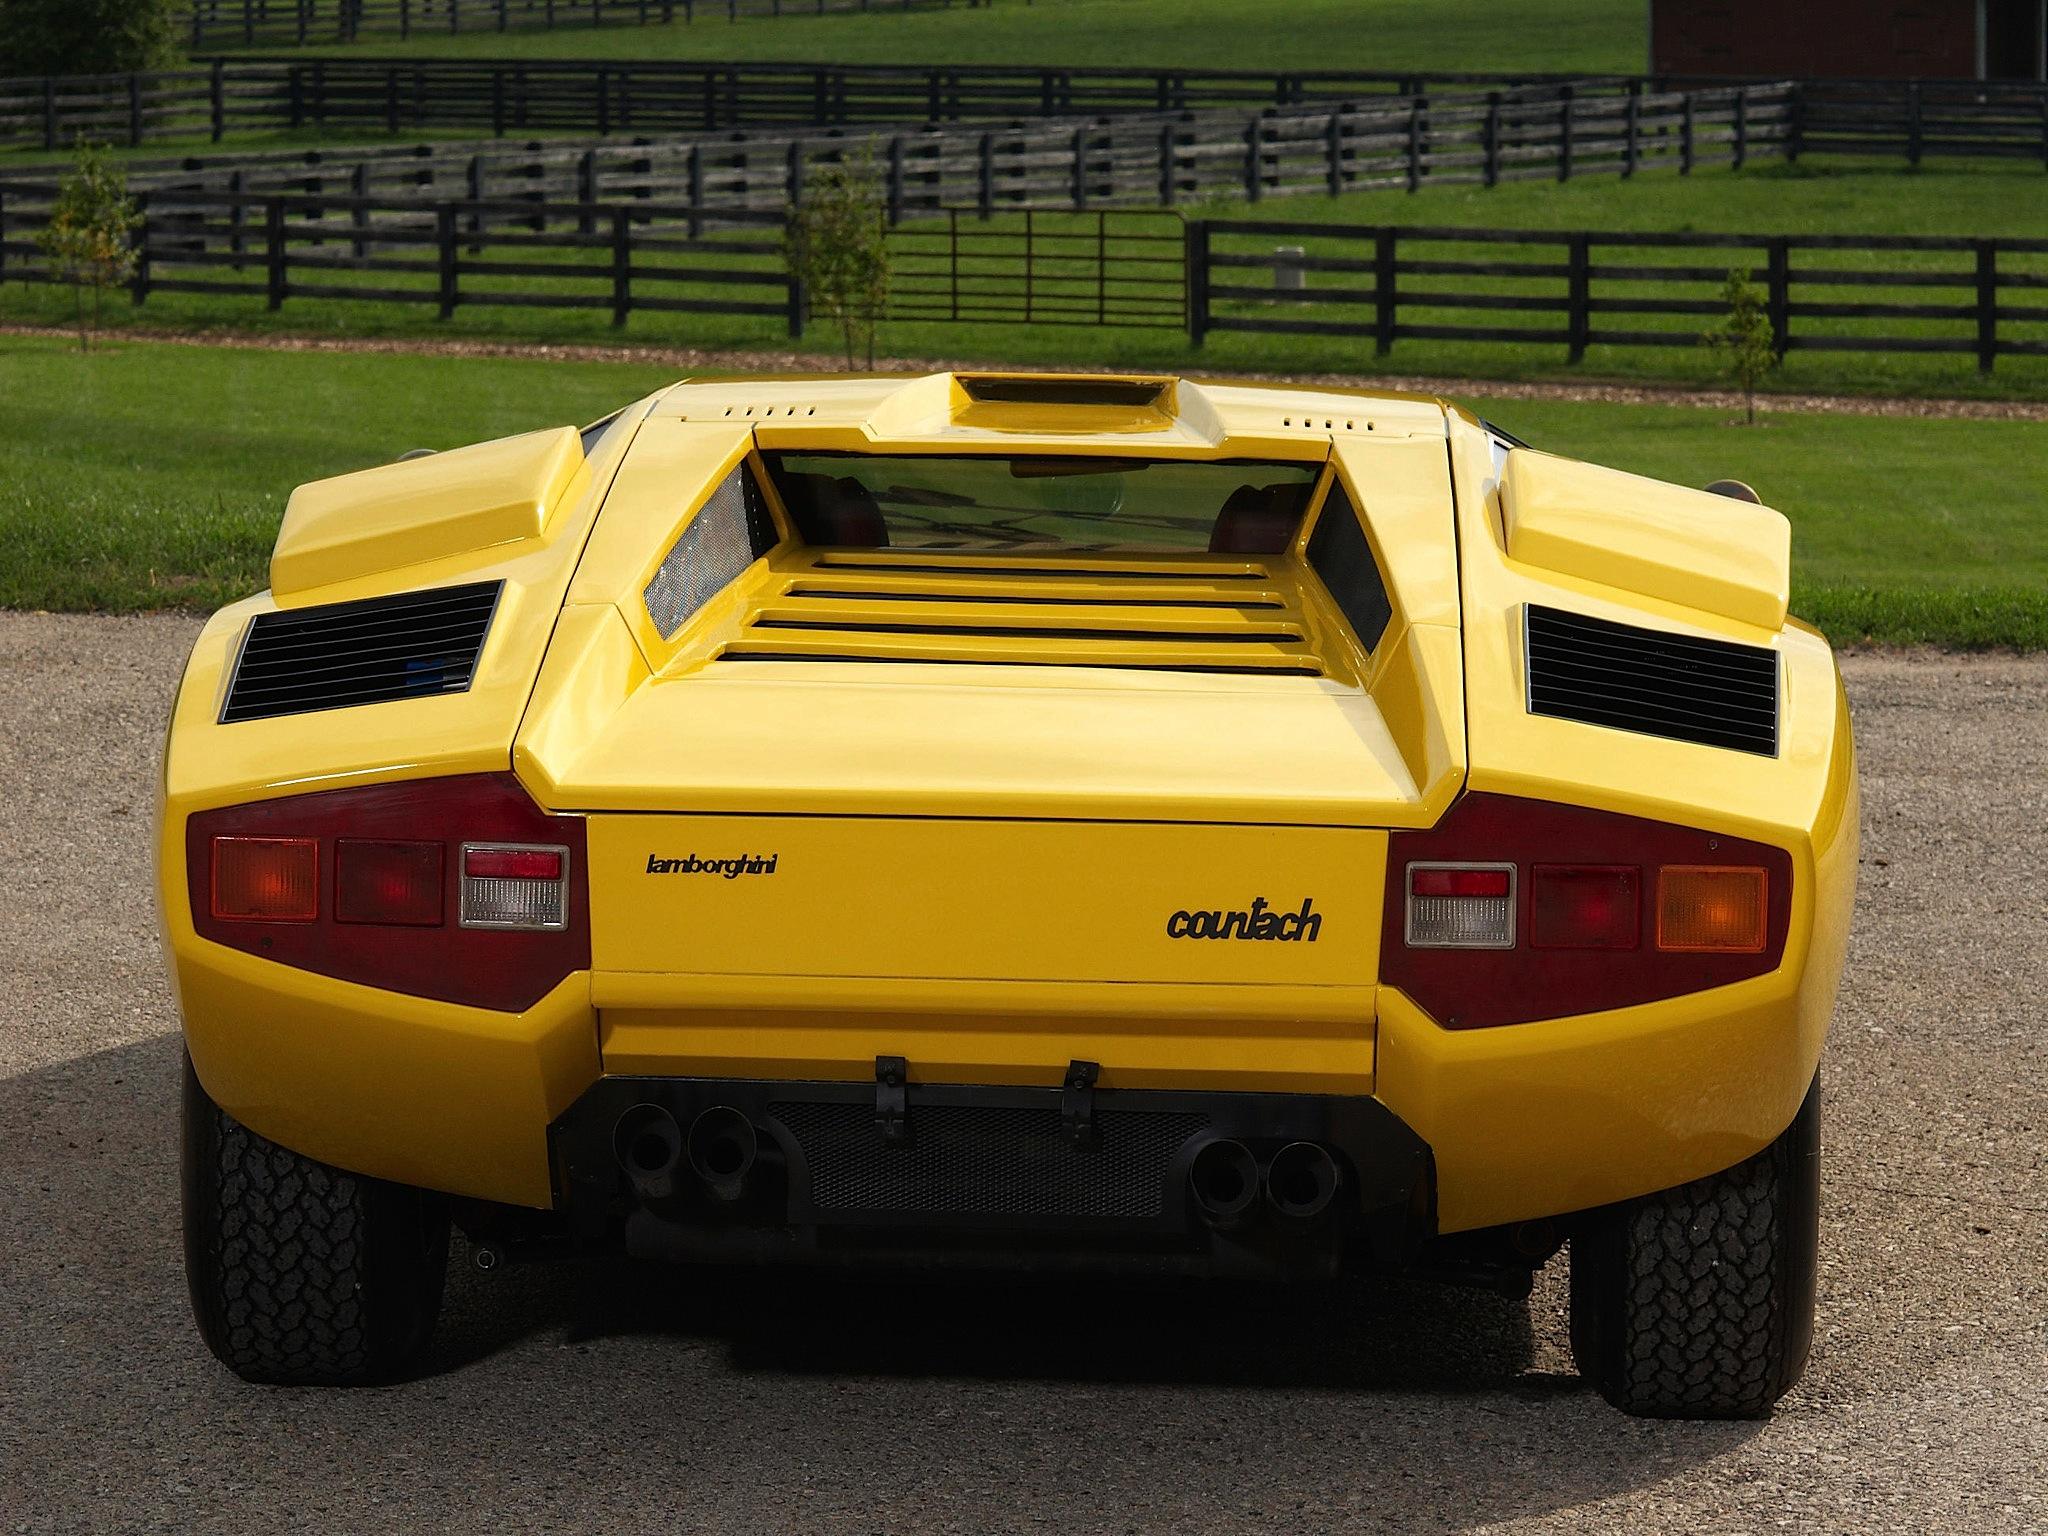 lamborghini_countach_rear_posteriore_1974